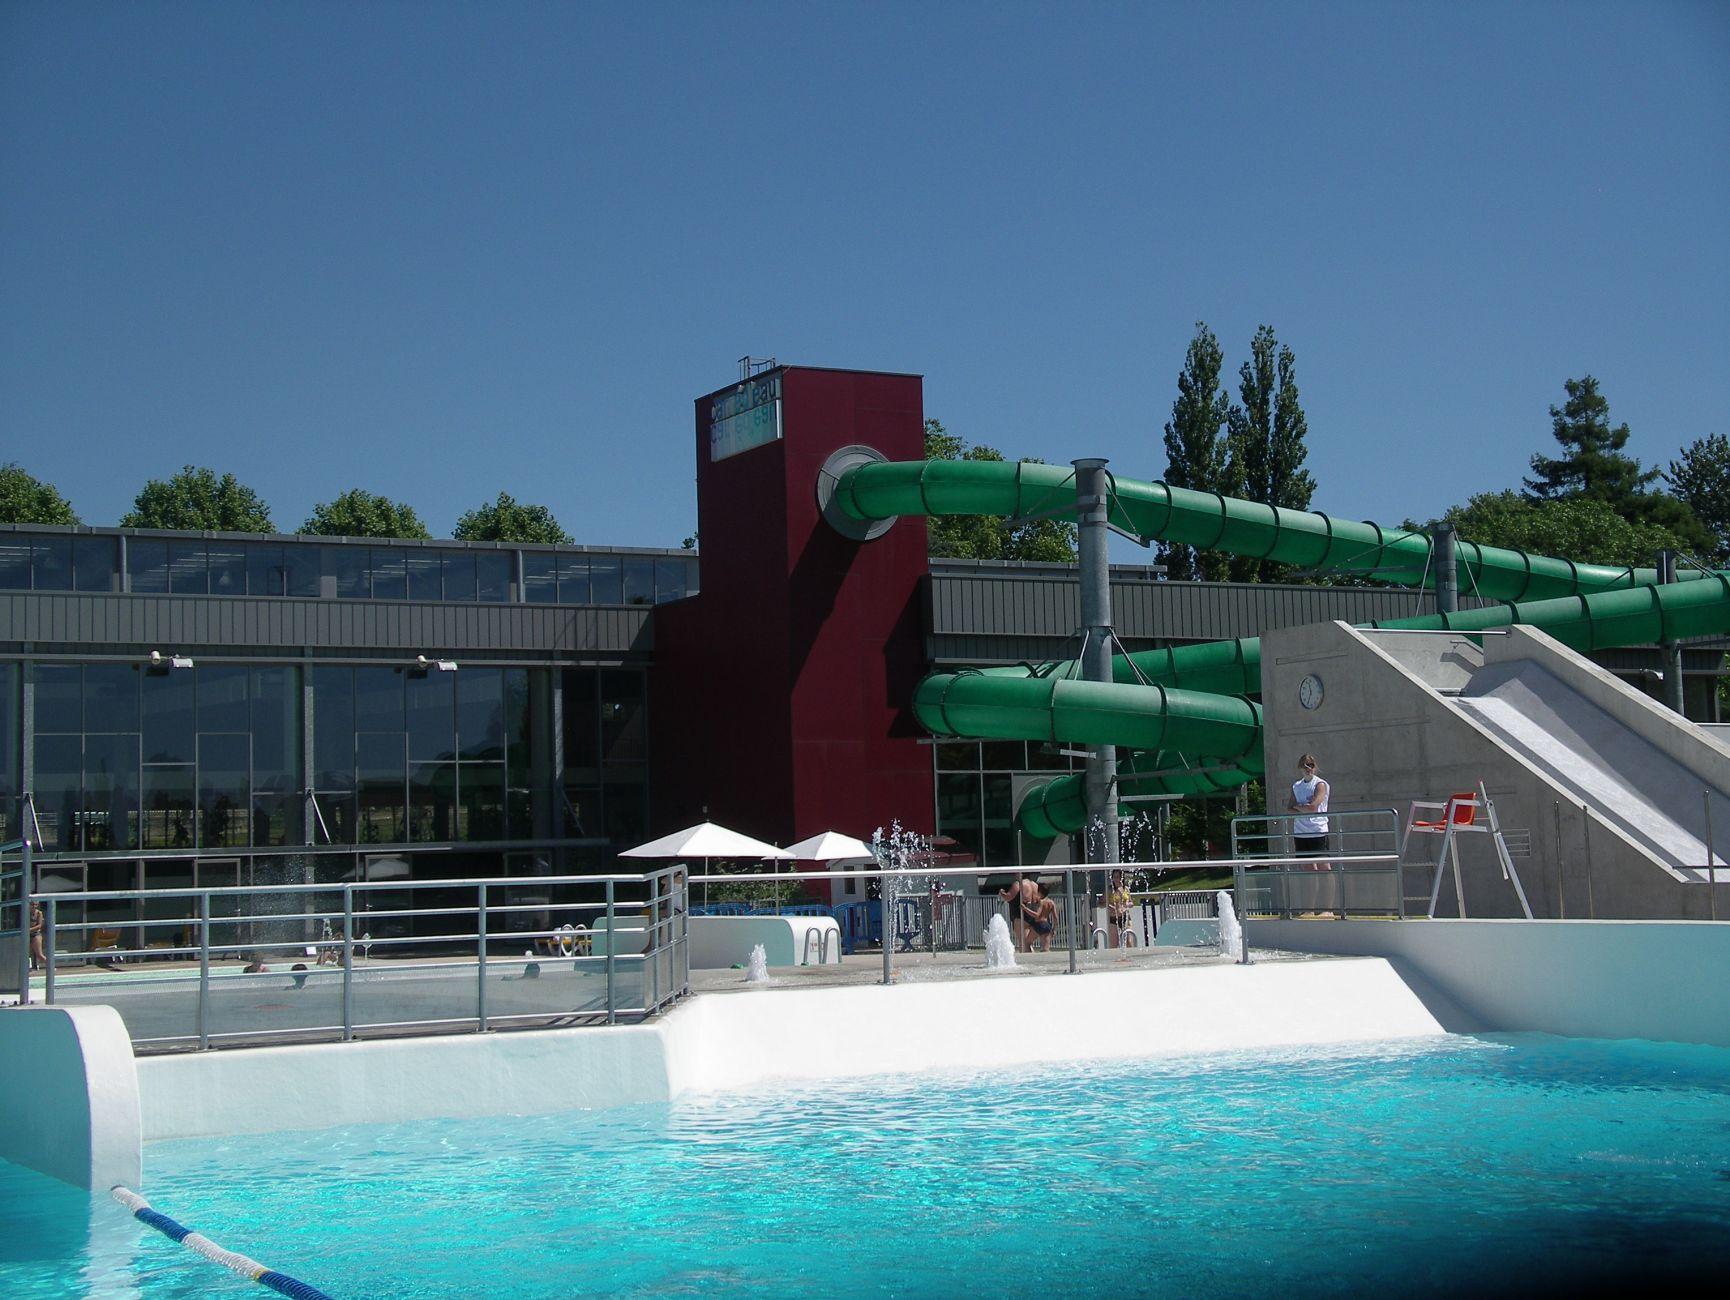 Nautic Center Carré D'eau - 01000 Bourg-En-Bresse à Piscine Carré D Eau